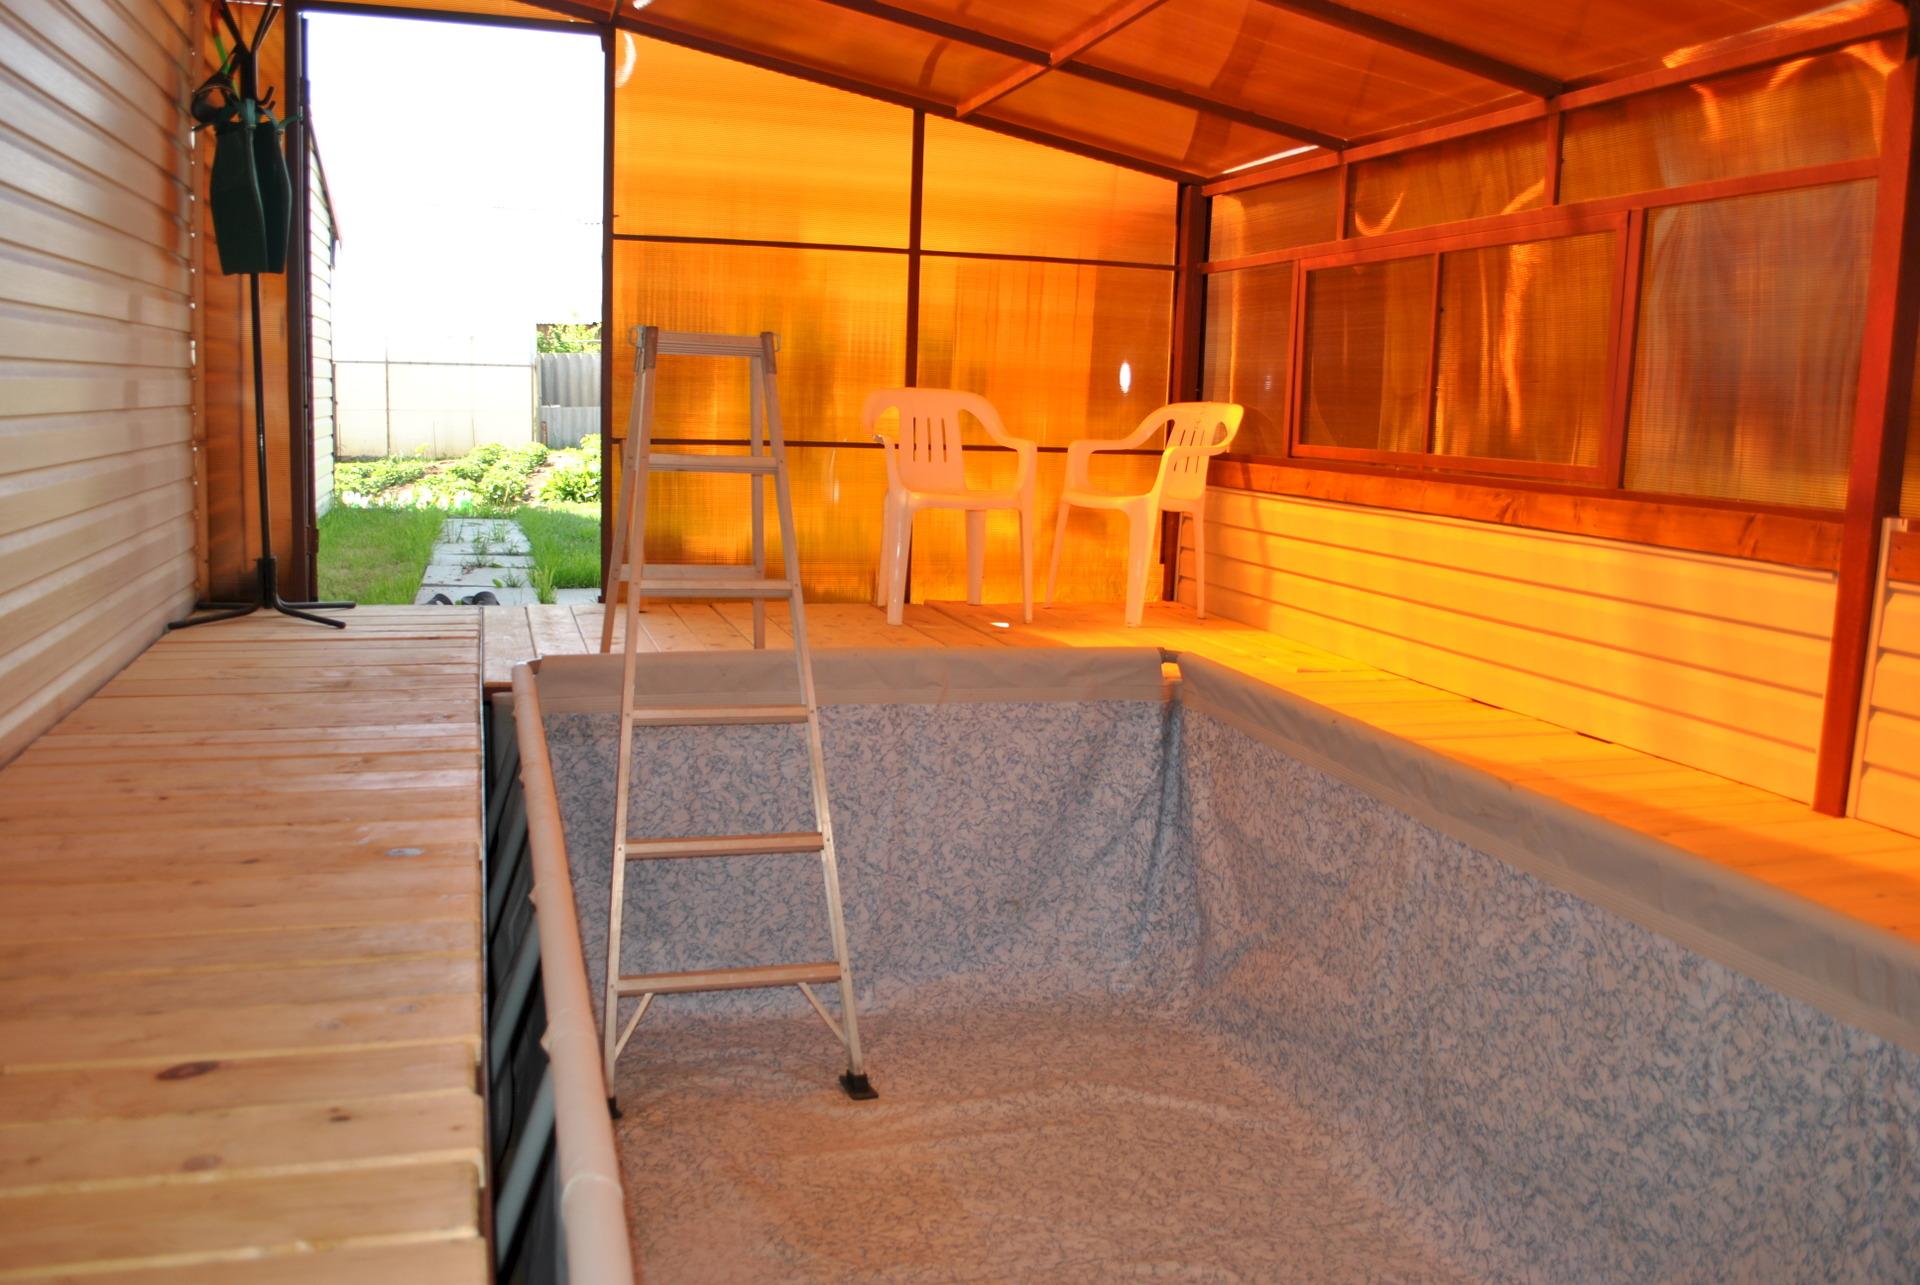 Как оборудуется баня в гараже своими руками sdelai garazh 34